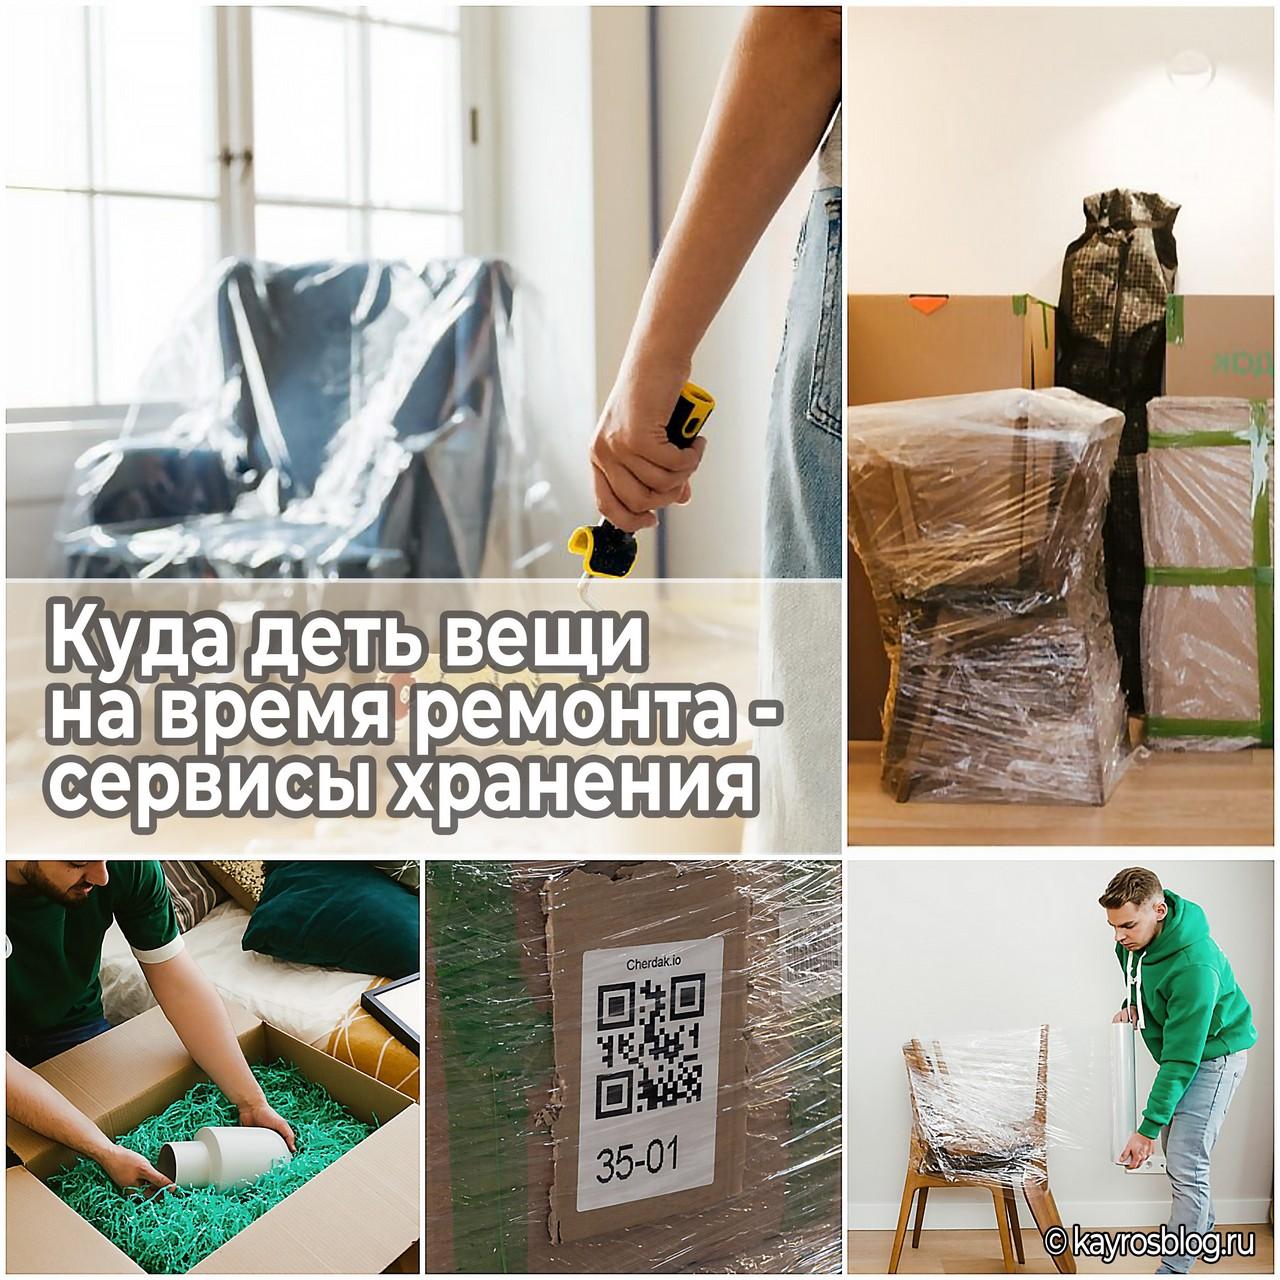 Куда деть вещи на время ремонта - сервисы хранения